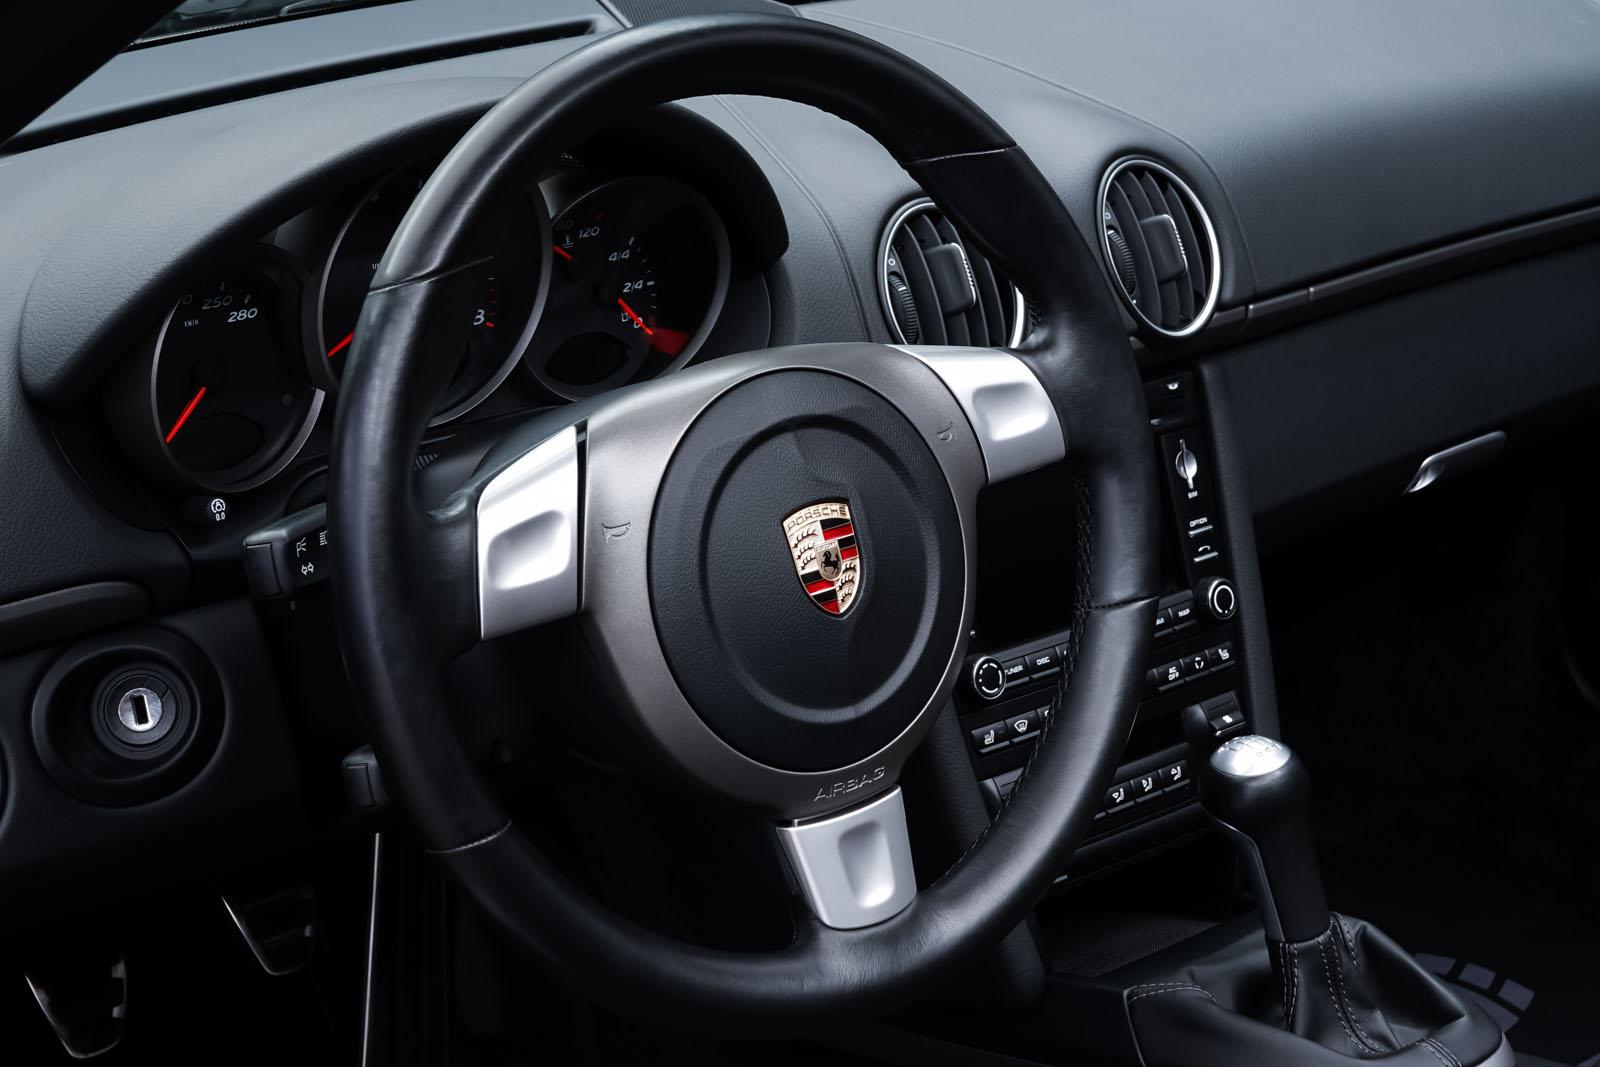 Porsche_Boxster_Schwarz_Schwarz_POR-0927_11_w